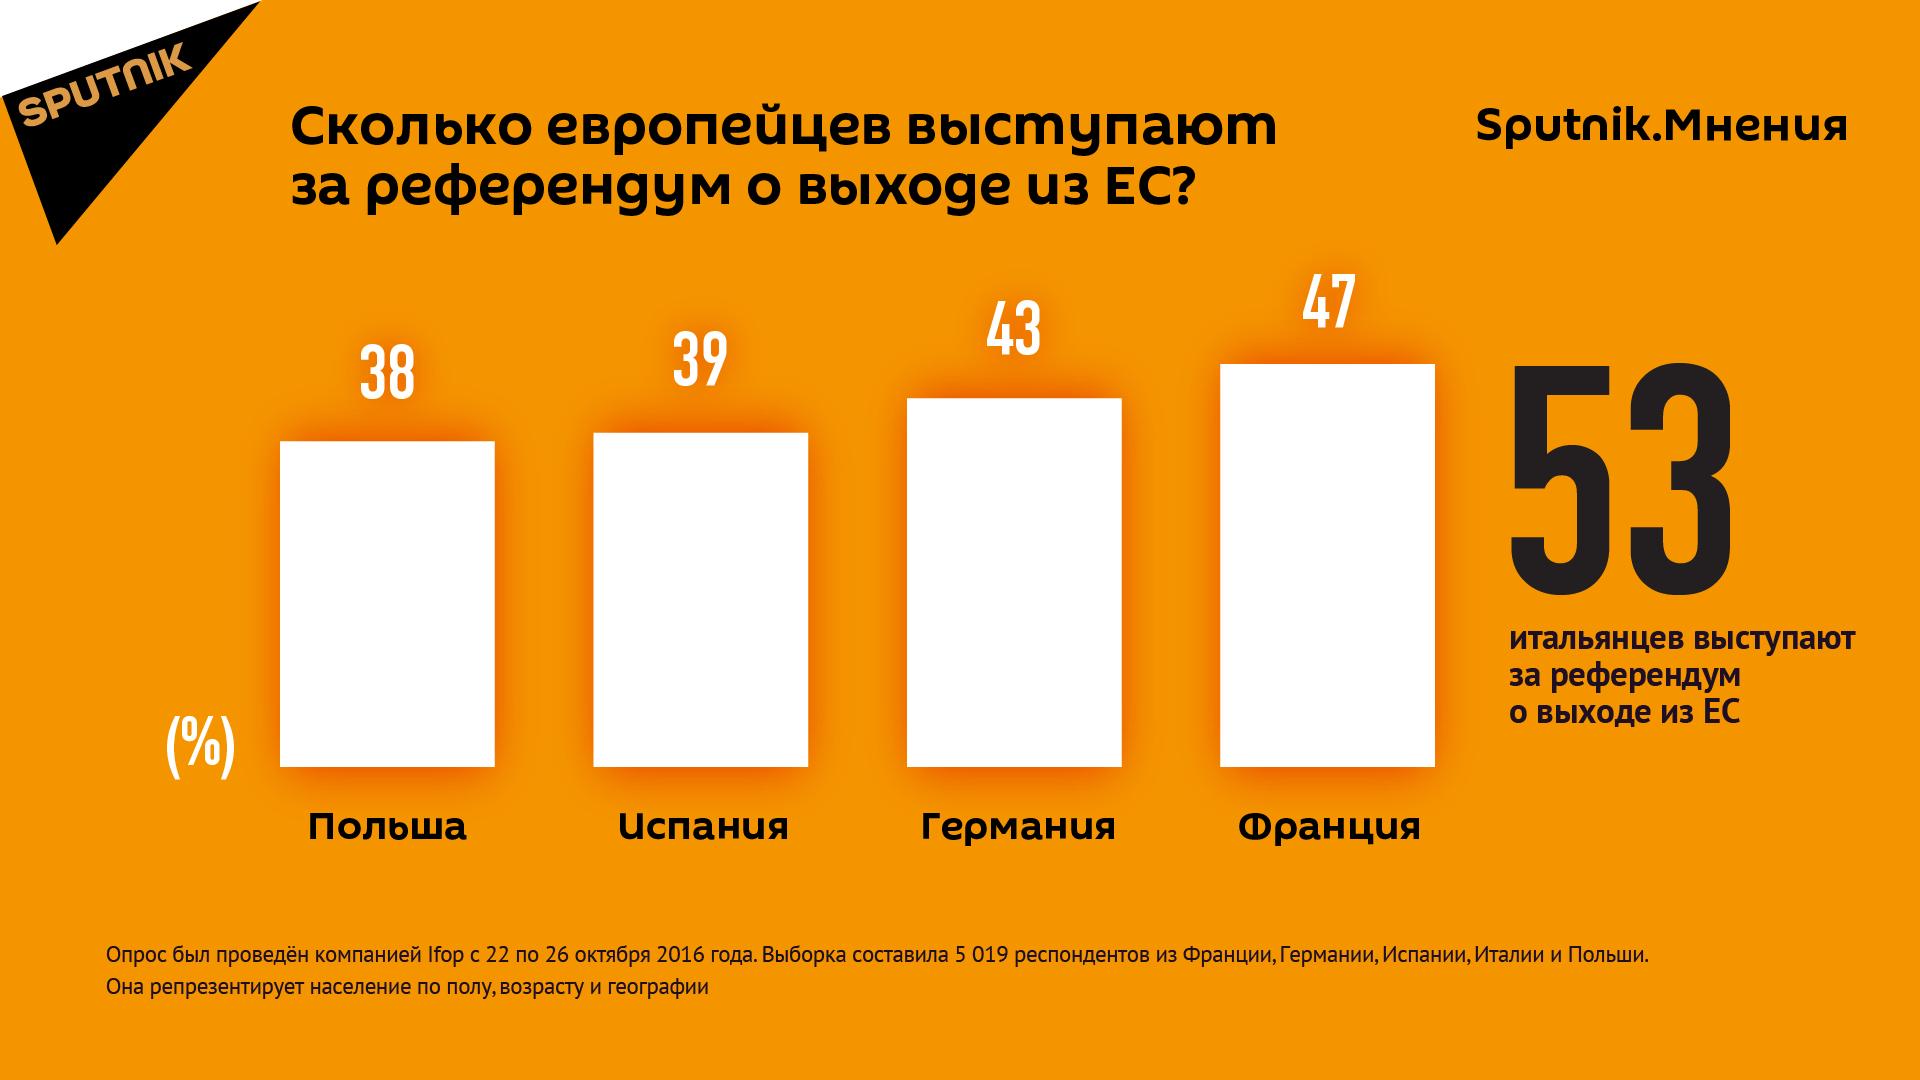 Сколько европейцев выступают за референдум о выходе из ЕС?